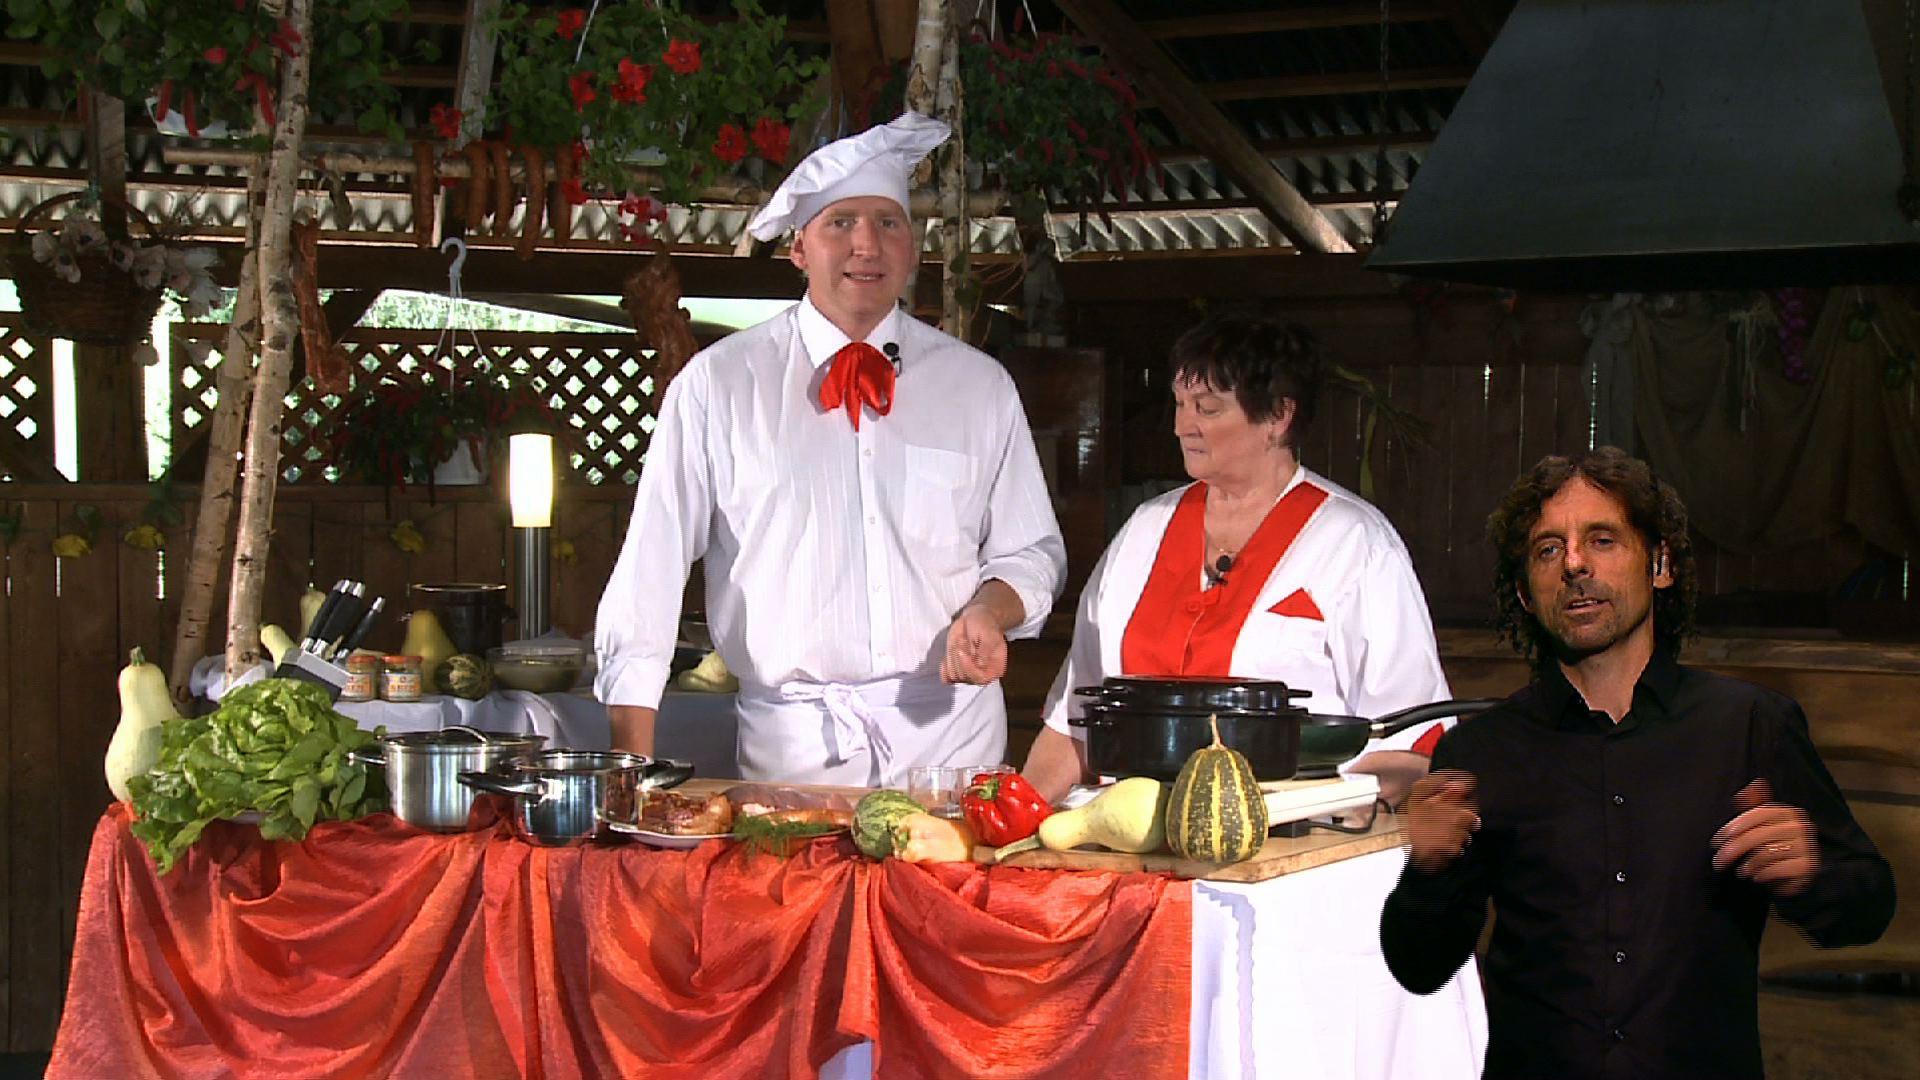 Kuchnia Po śląsku W Telewizji Tvs Tvspl